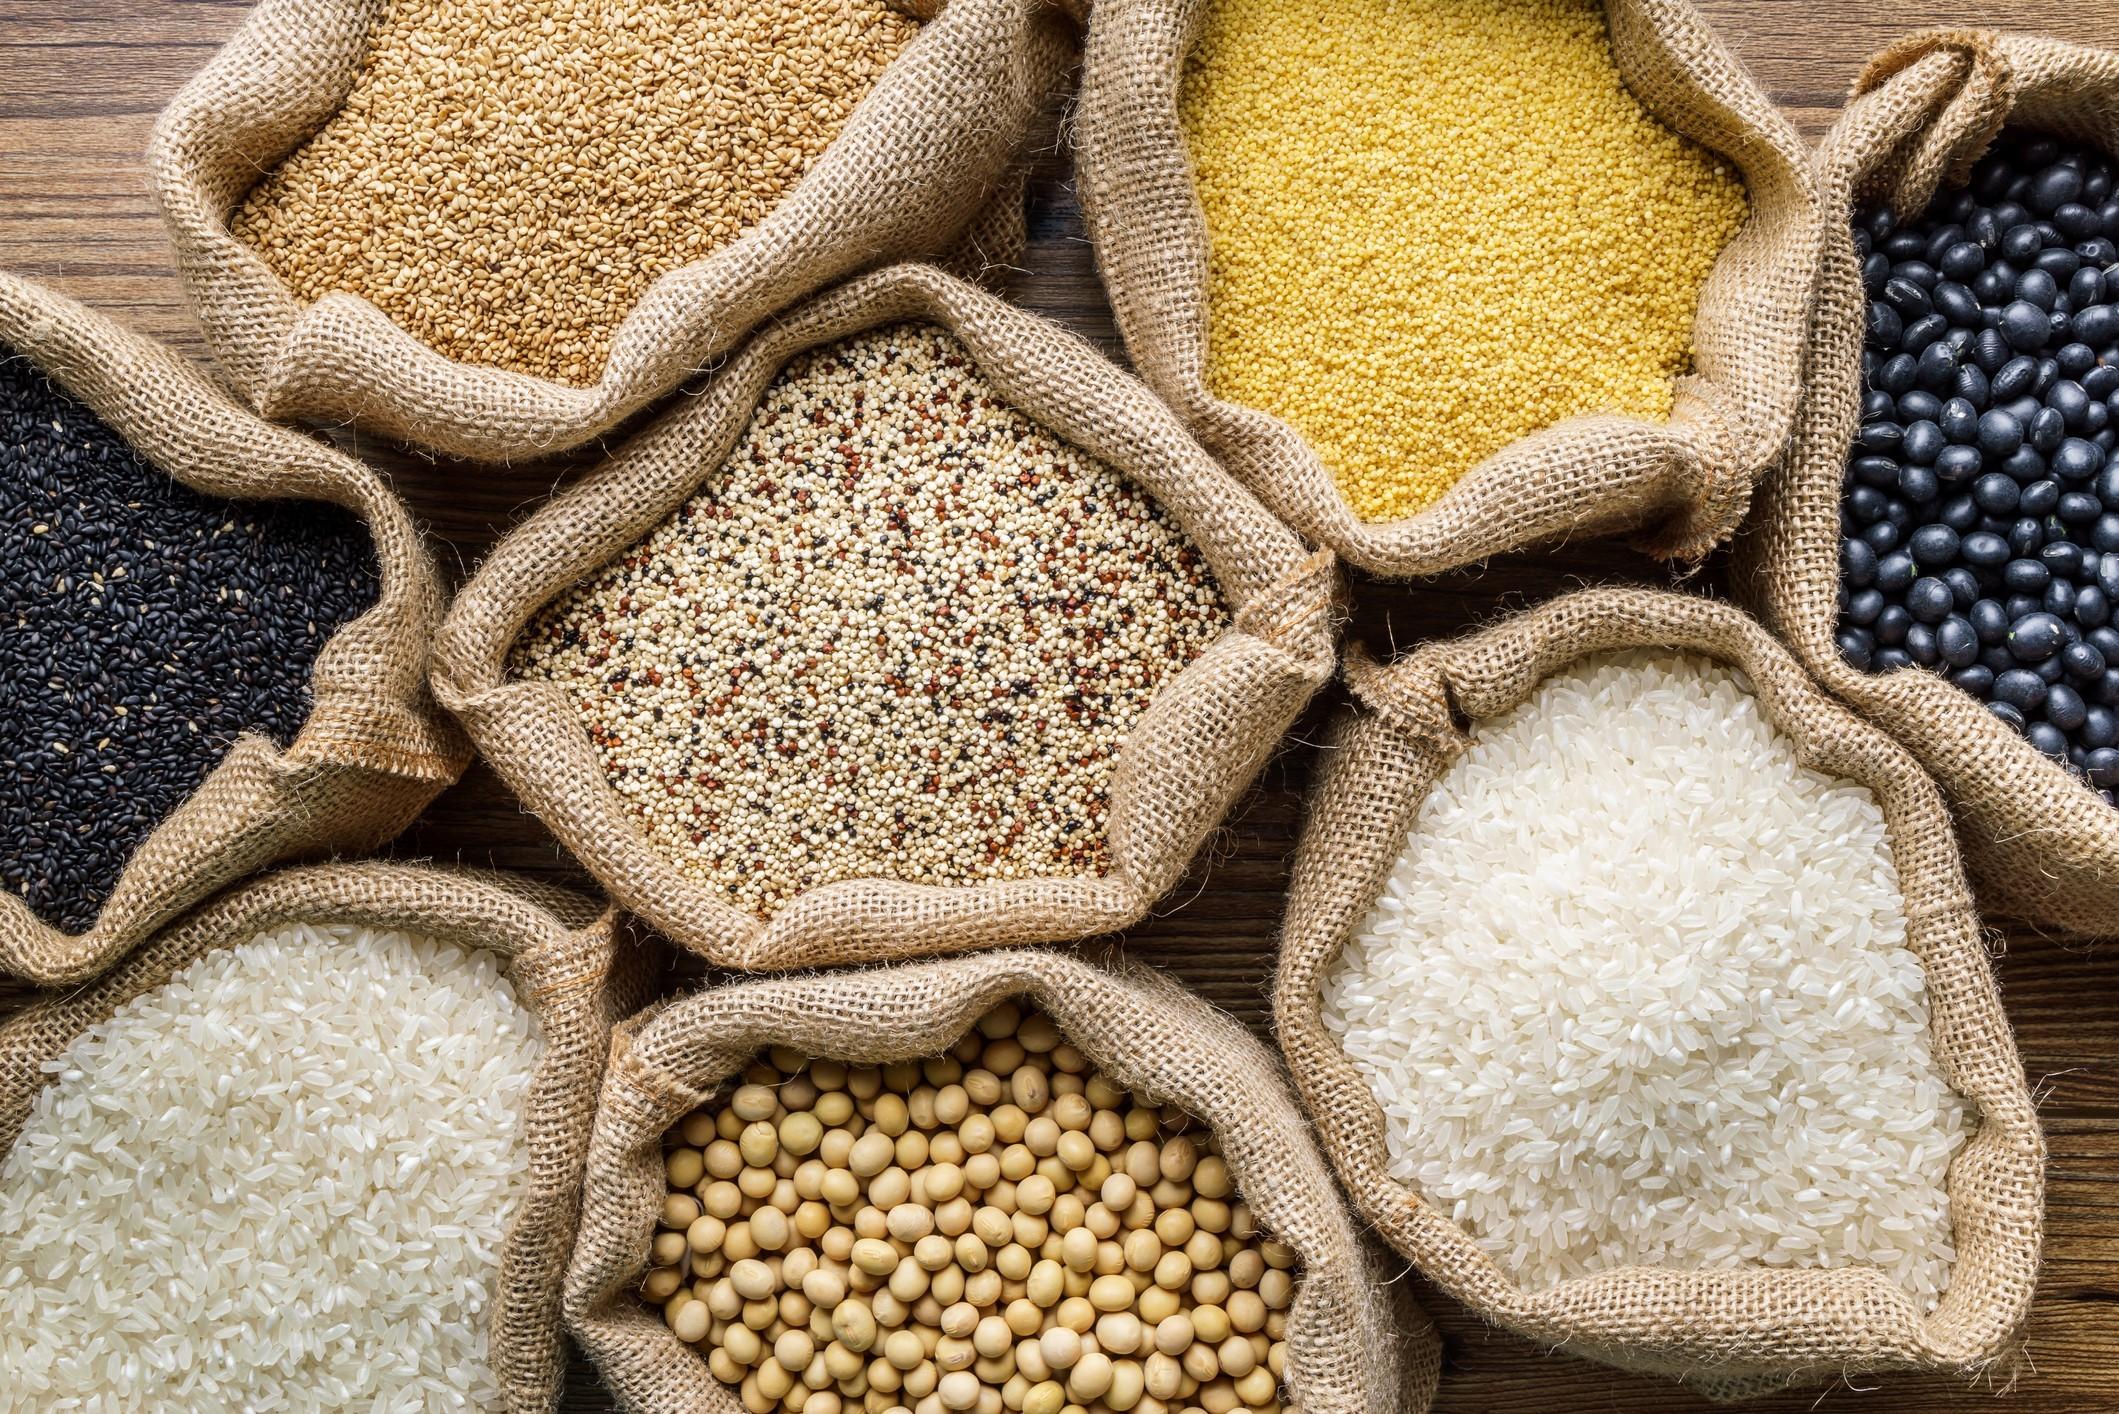 agronegocio-agribusiness-exportacao-importacao-import-export-grãos-grain-sementes